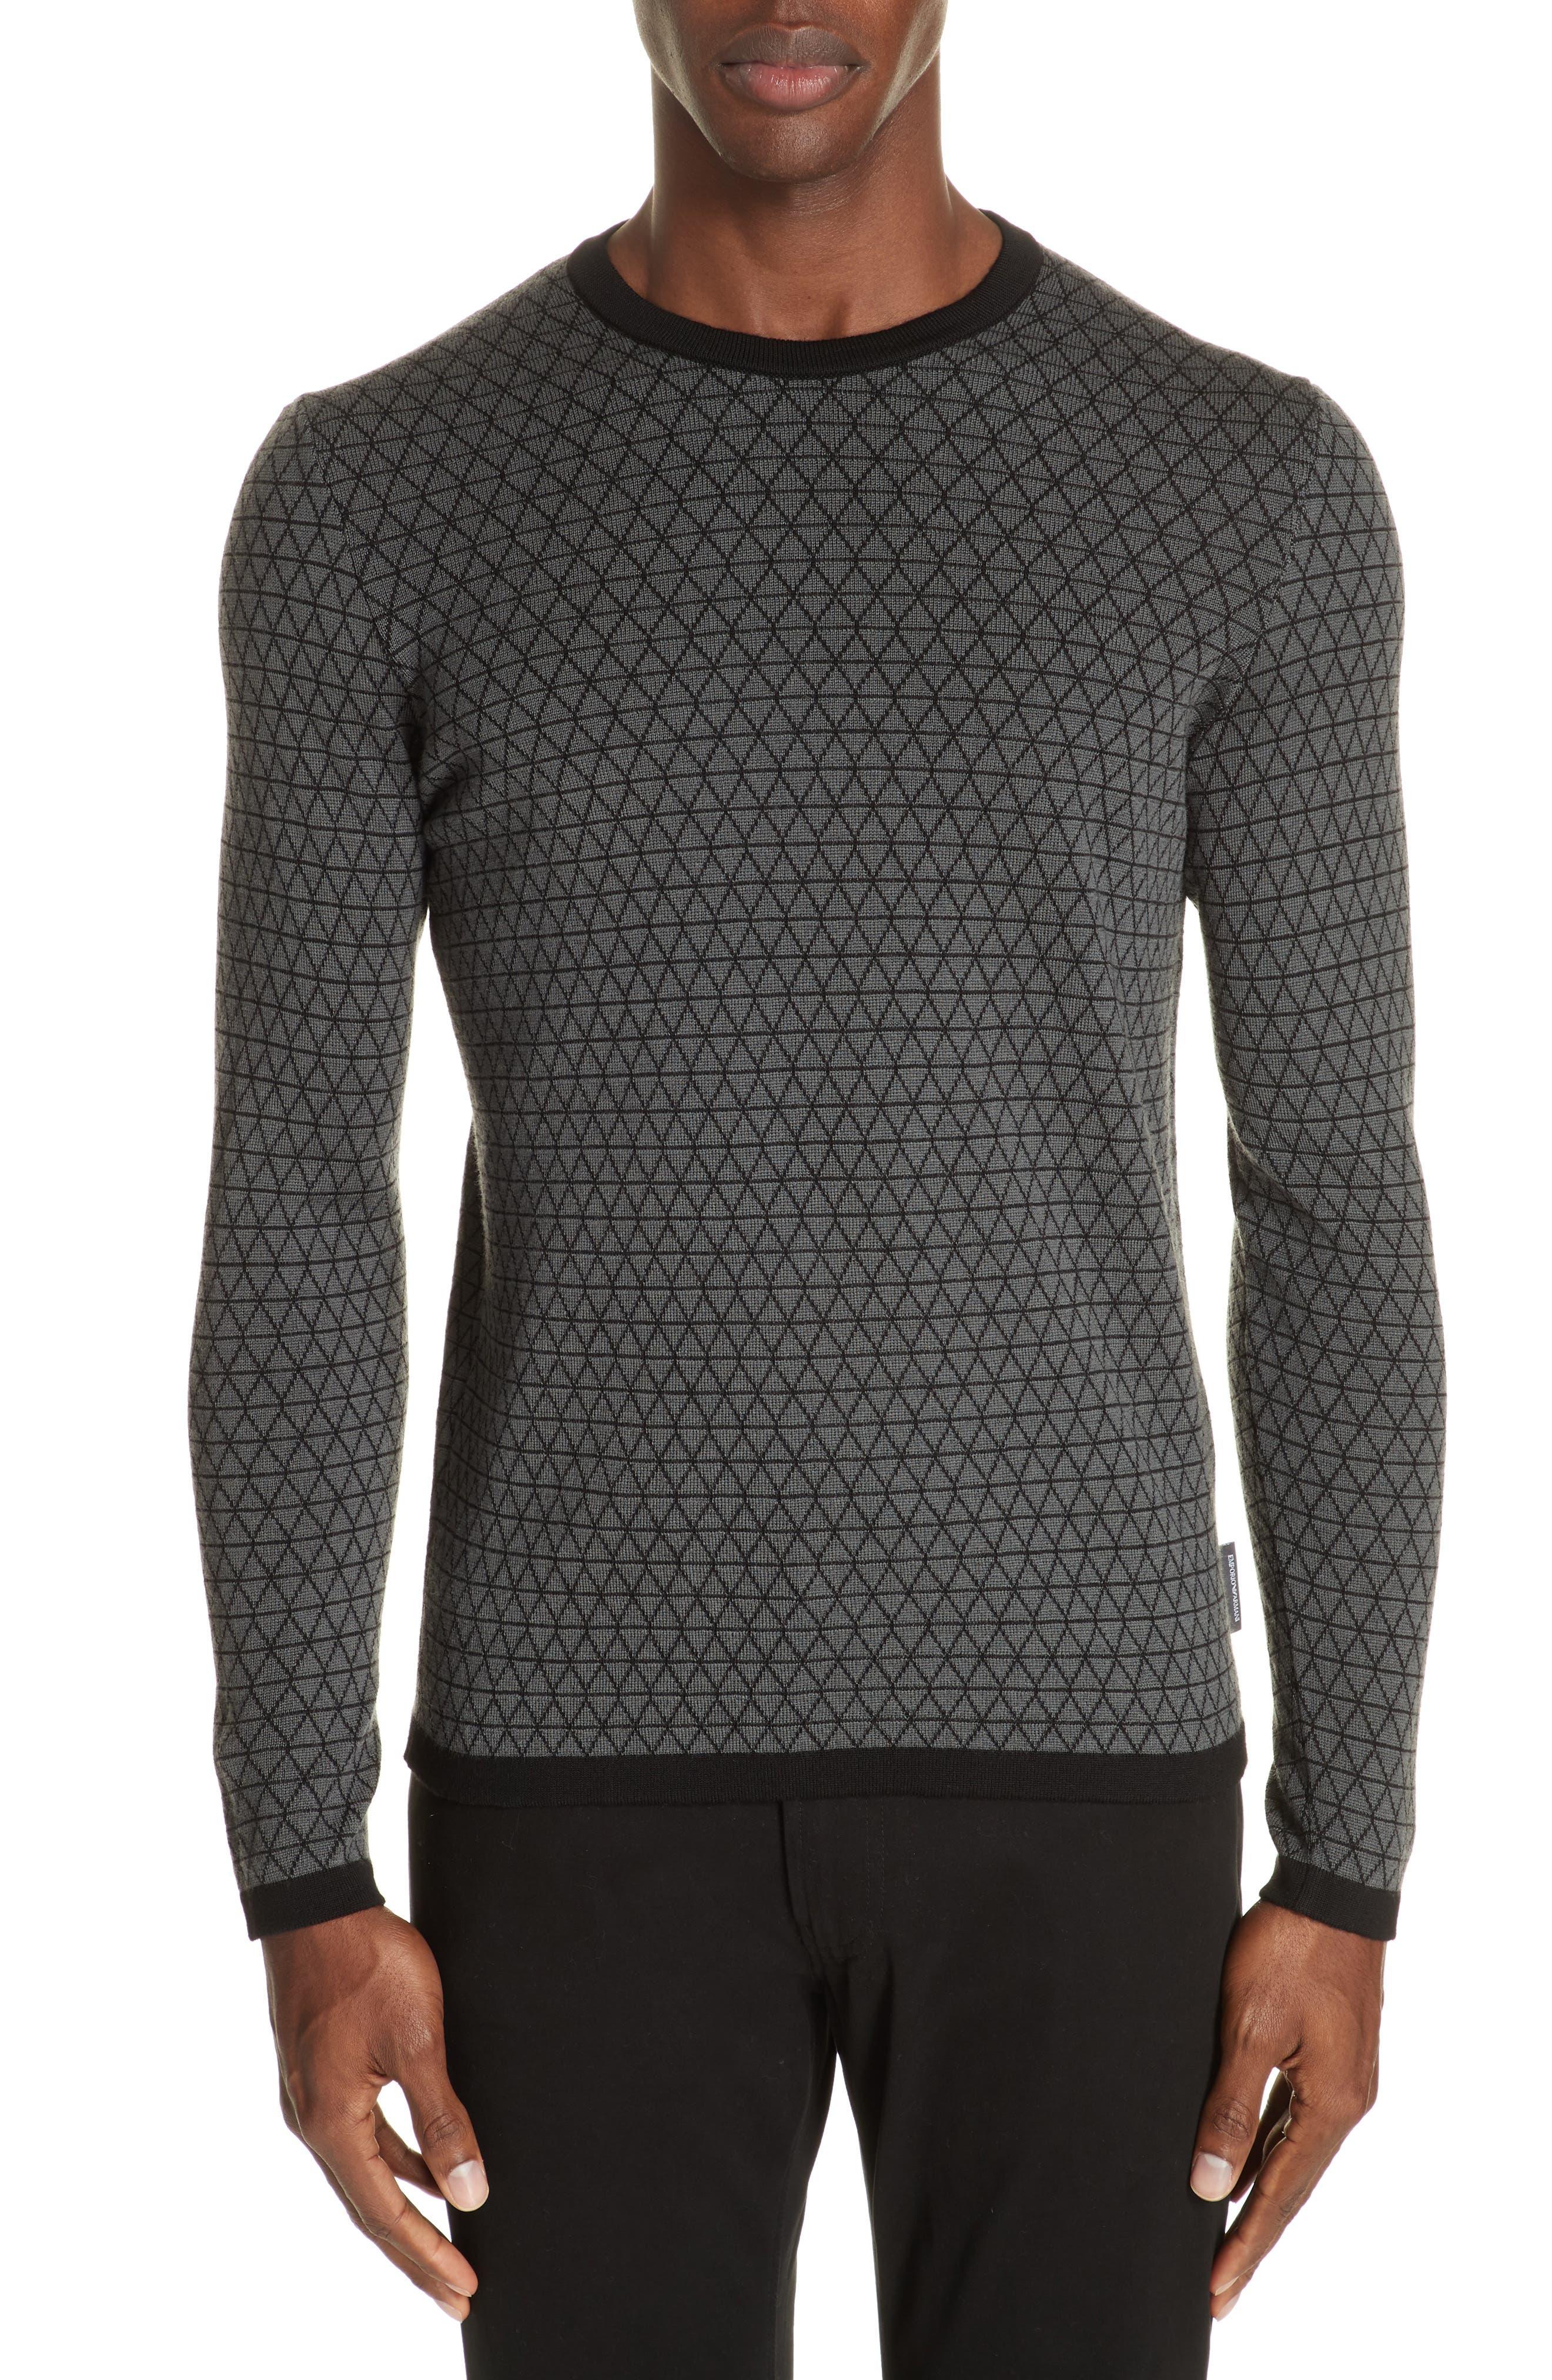 EMPORIO ARMANI Bi-Color Geometric Jacquard Wool Sweater in Grey Multi